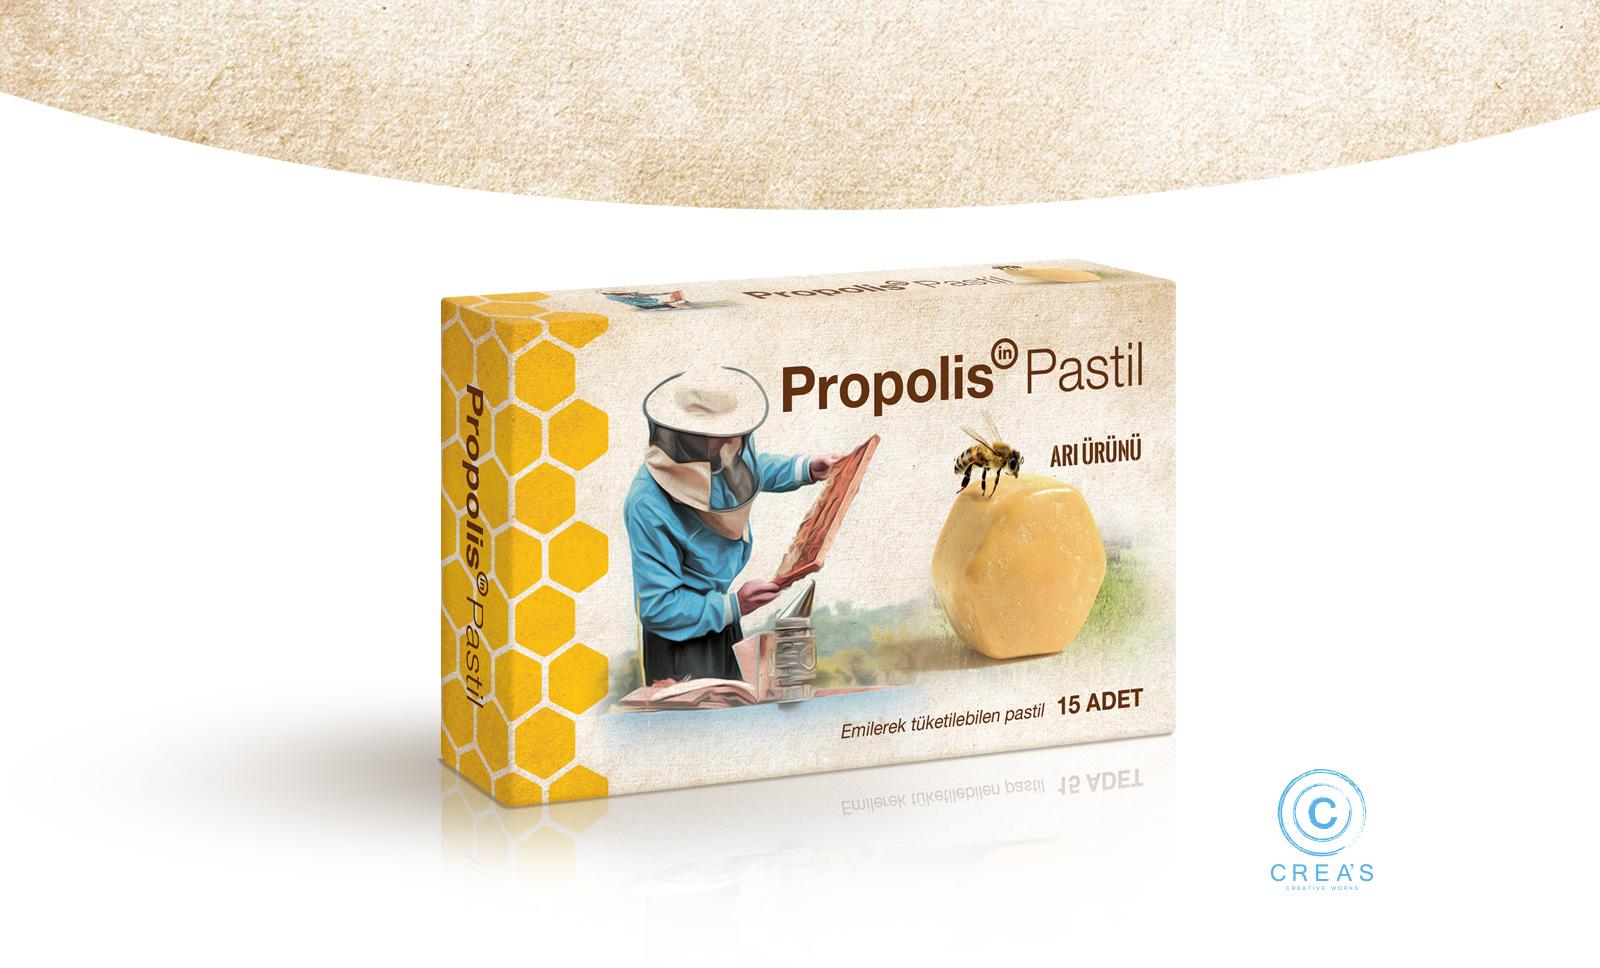 Creas Creative Tasarım ve Reklam Ajansı İzmir - Propolis Ambalaj Tasarımı